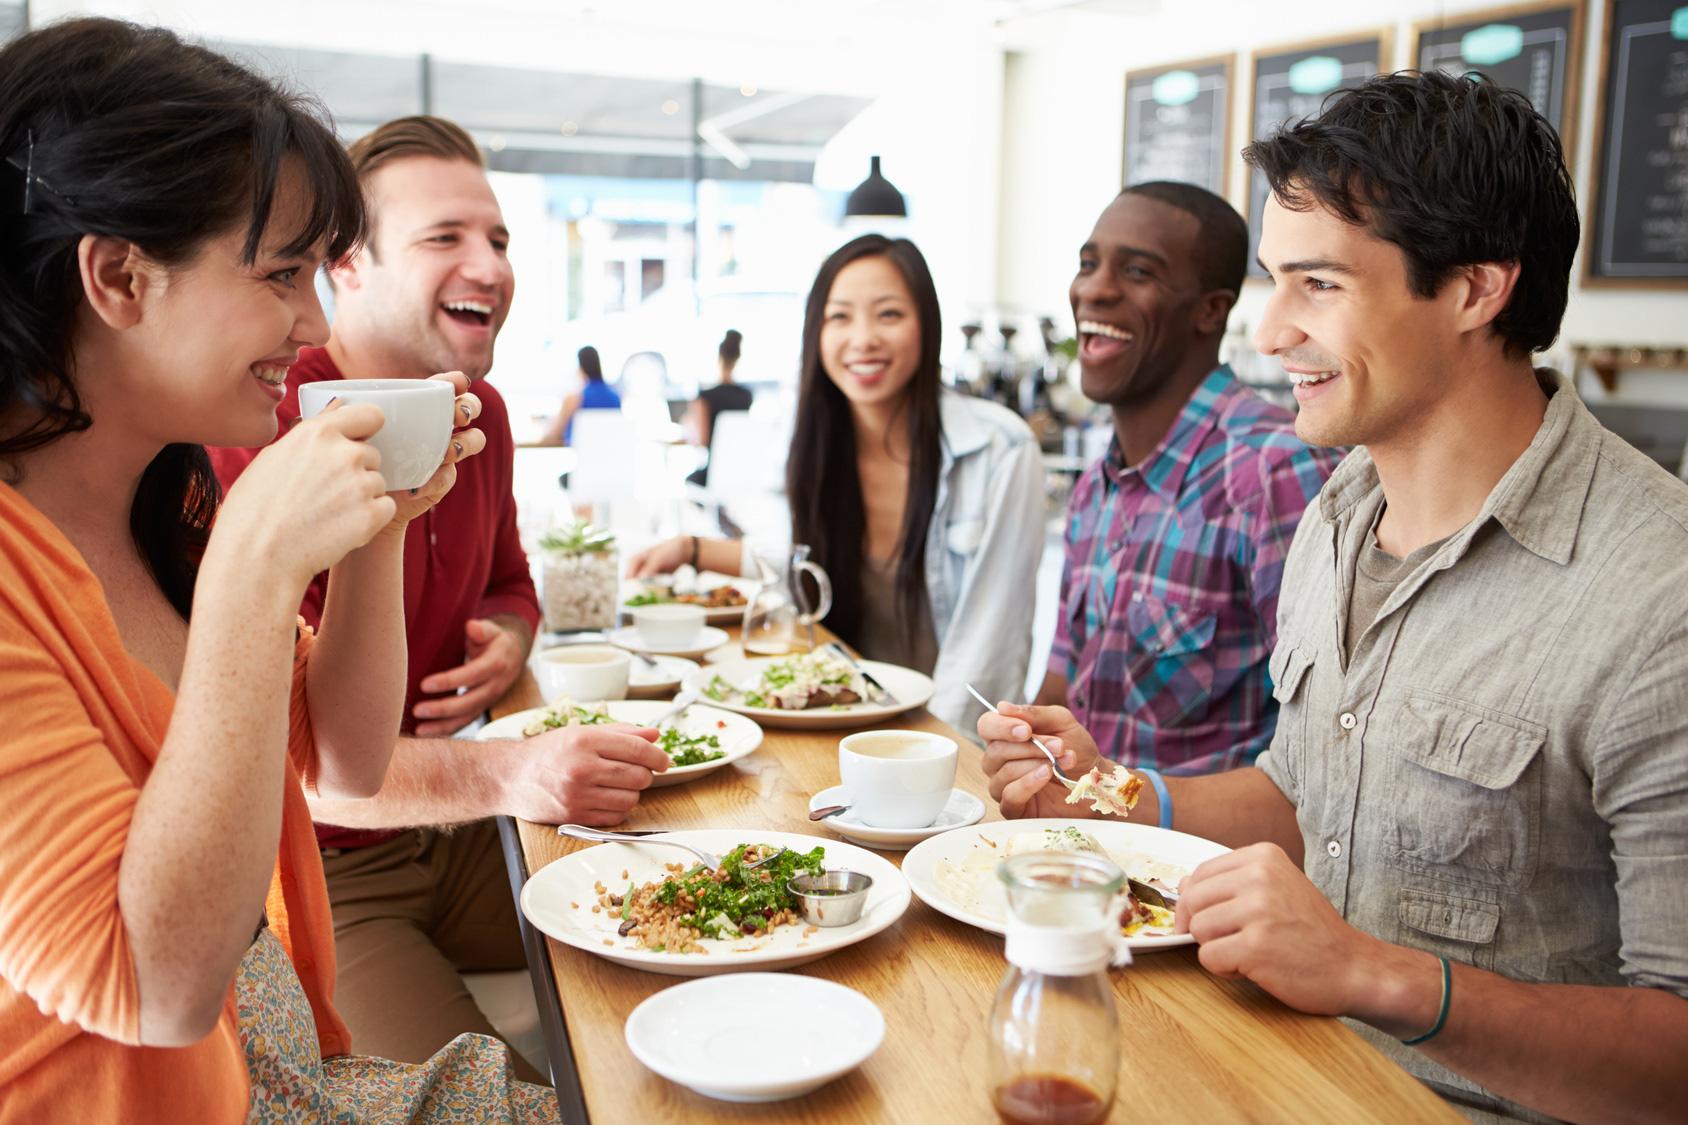 Tụ tập ăn một bữa trưa, tưởng chừng vô hại nhưng vô tình có thể khiến bạn bị nhiễm virus COVID-19 - Ảnh 2.